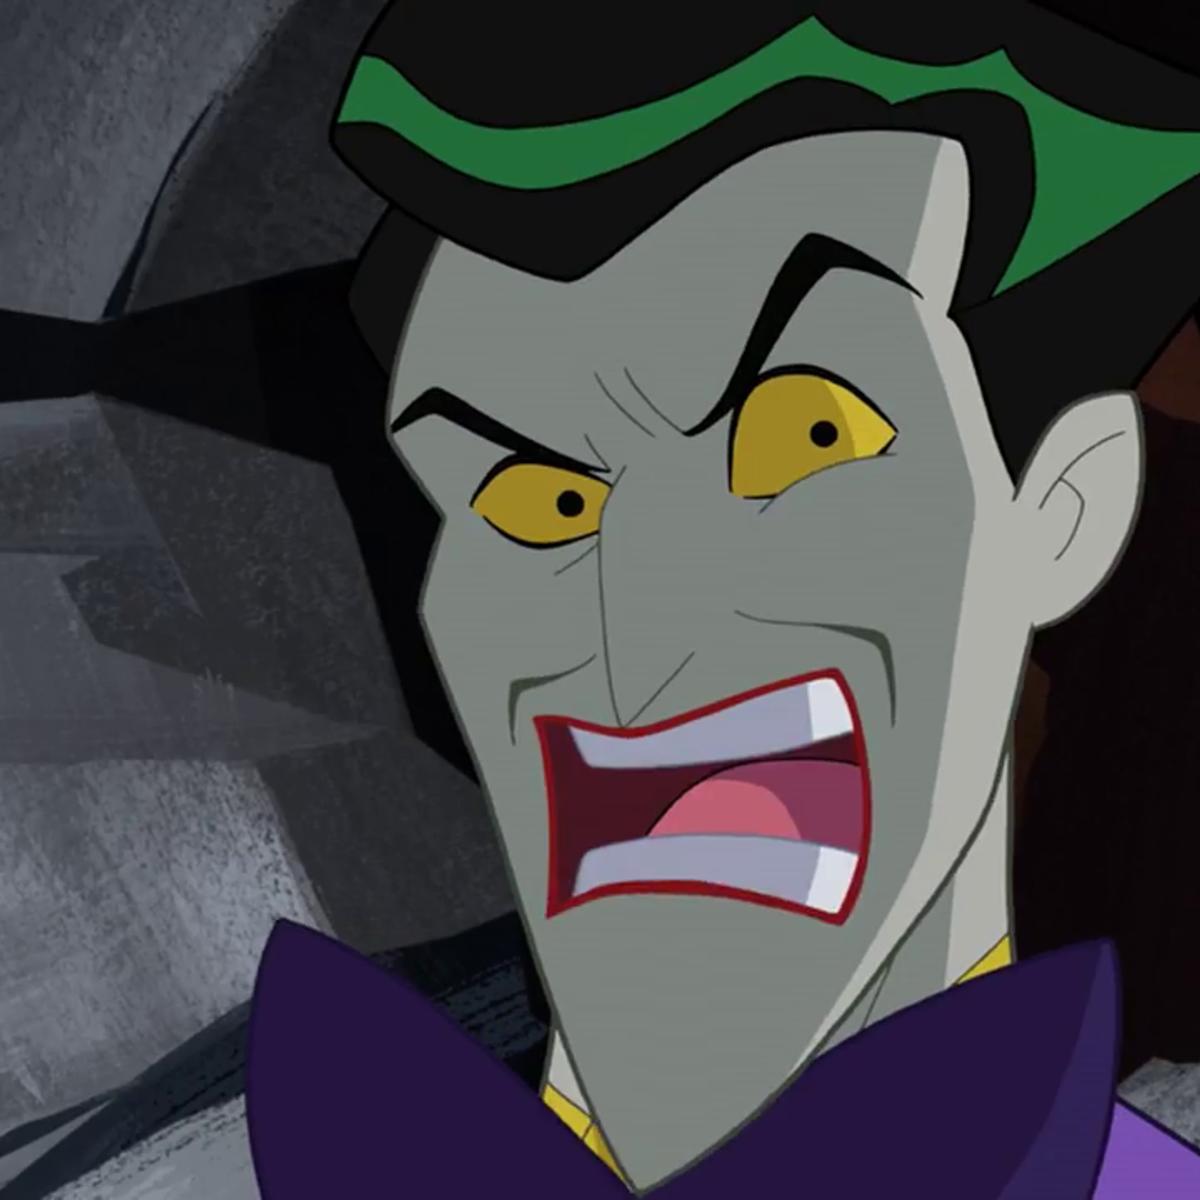 The_Joker.png